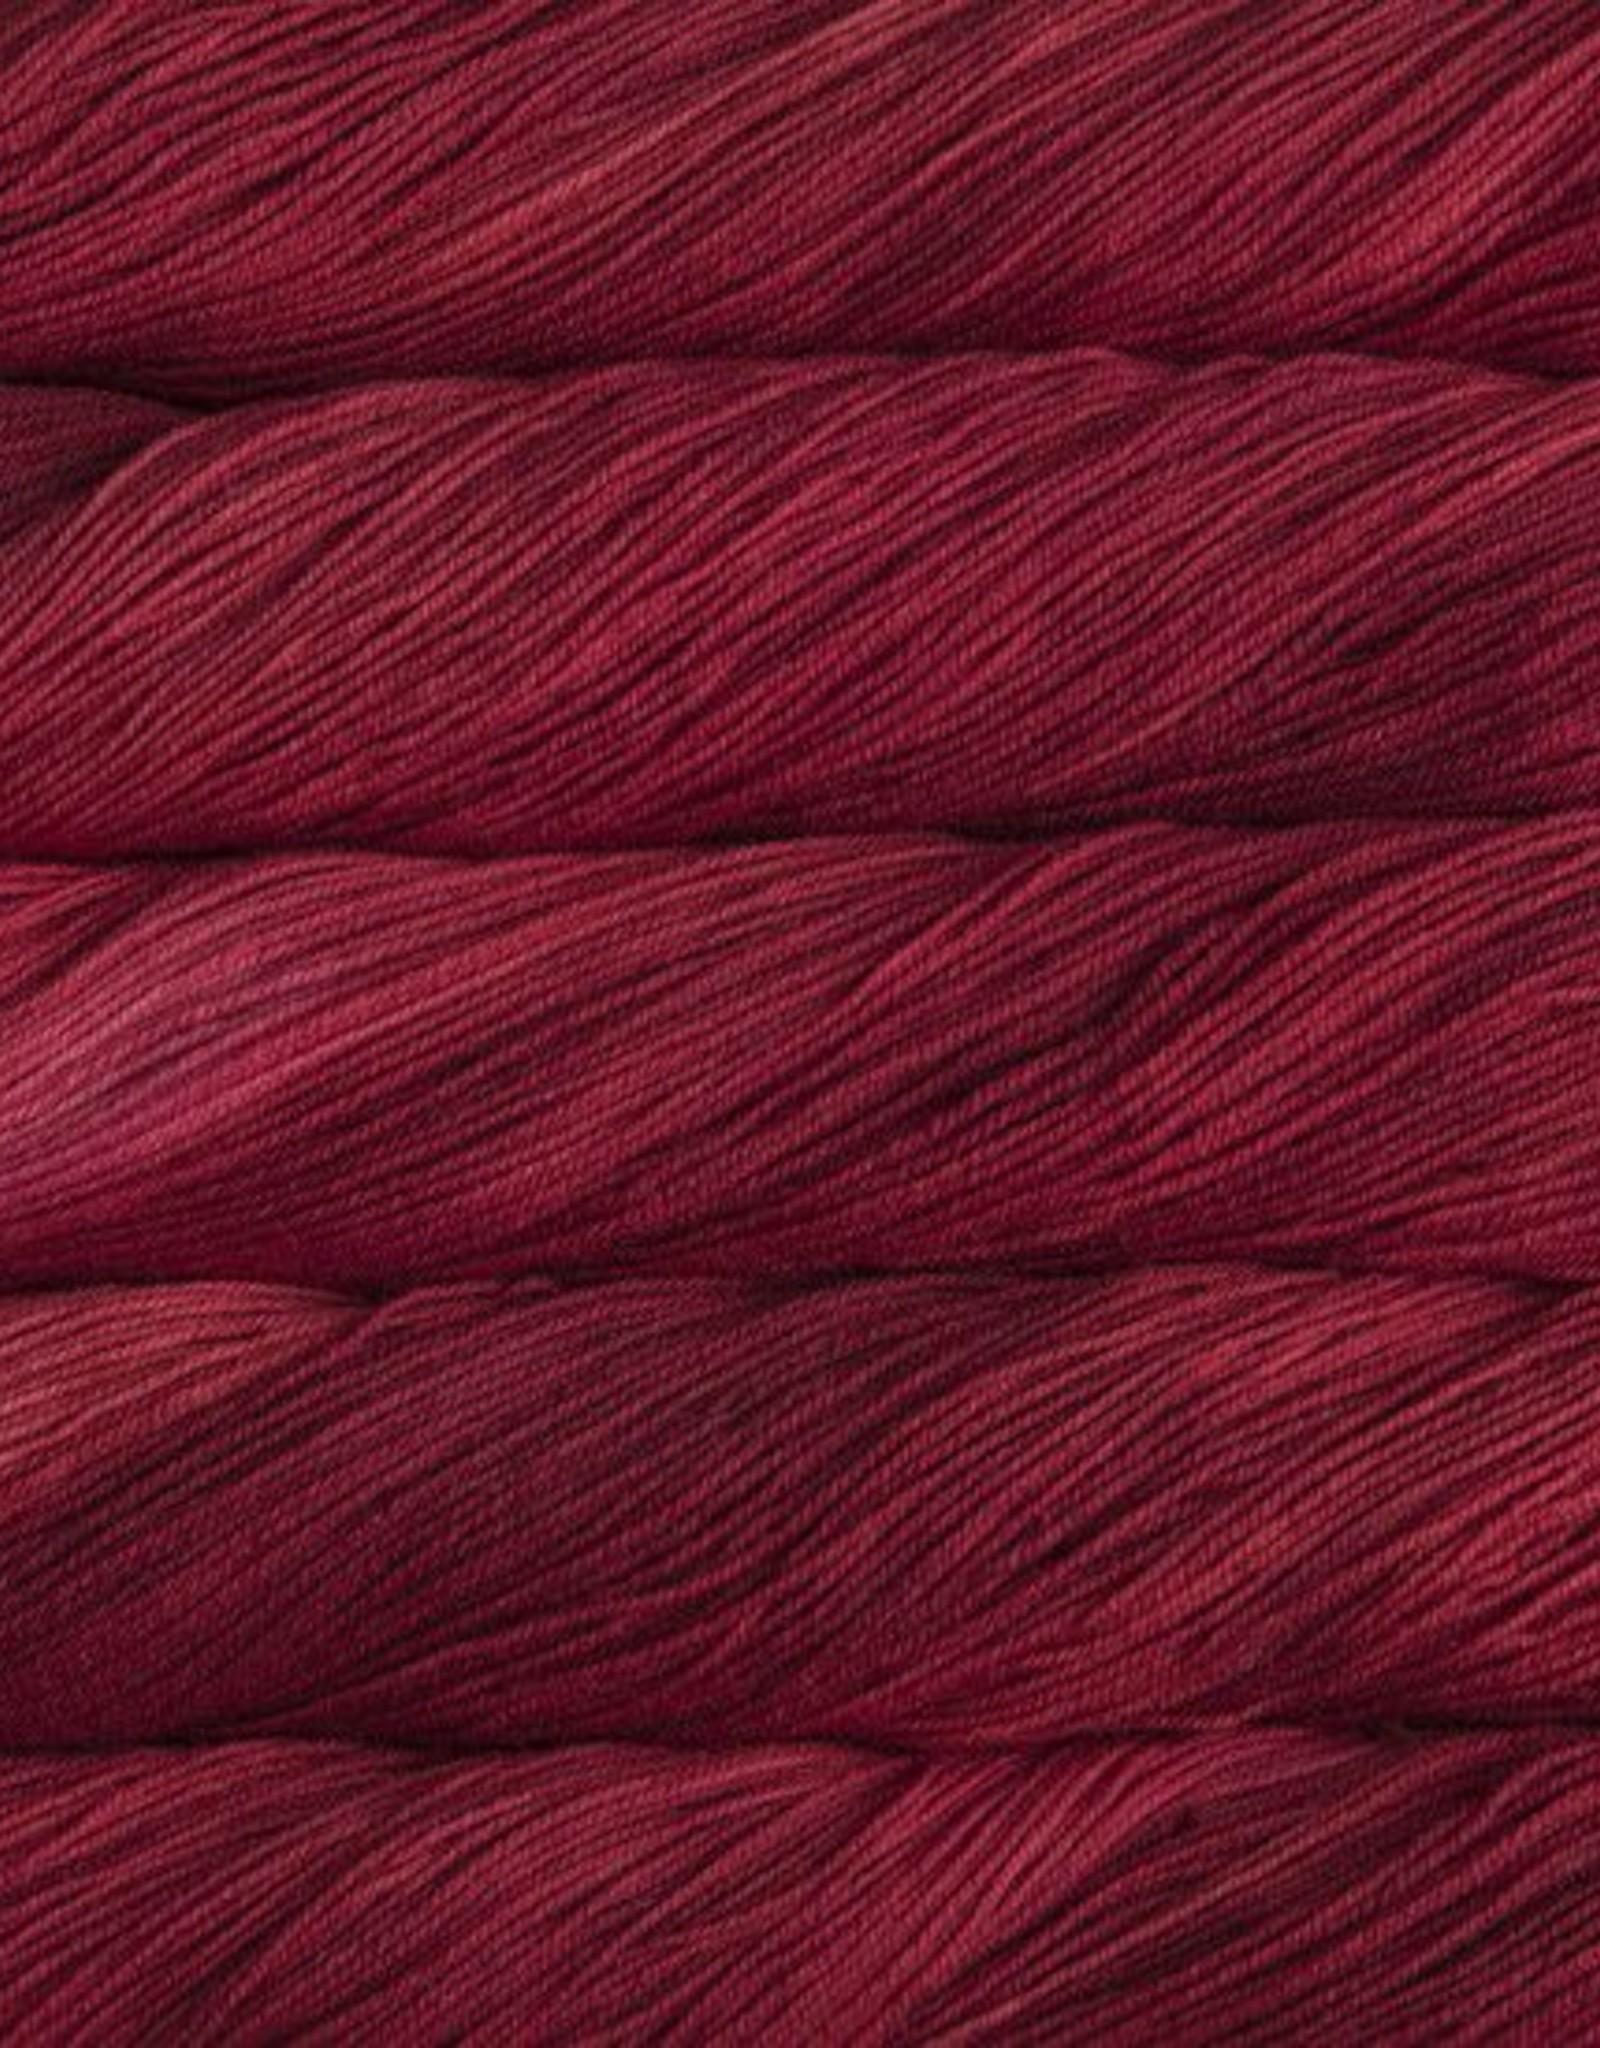 Malabrigo Sock Ravelry Red (SW 611)